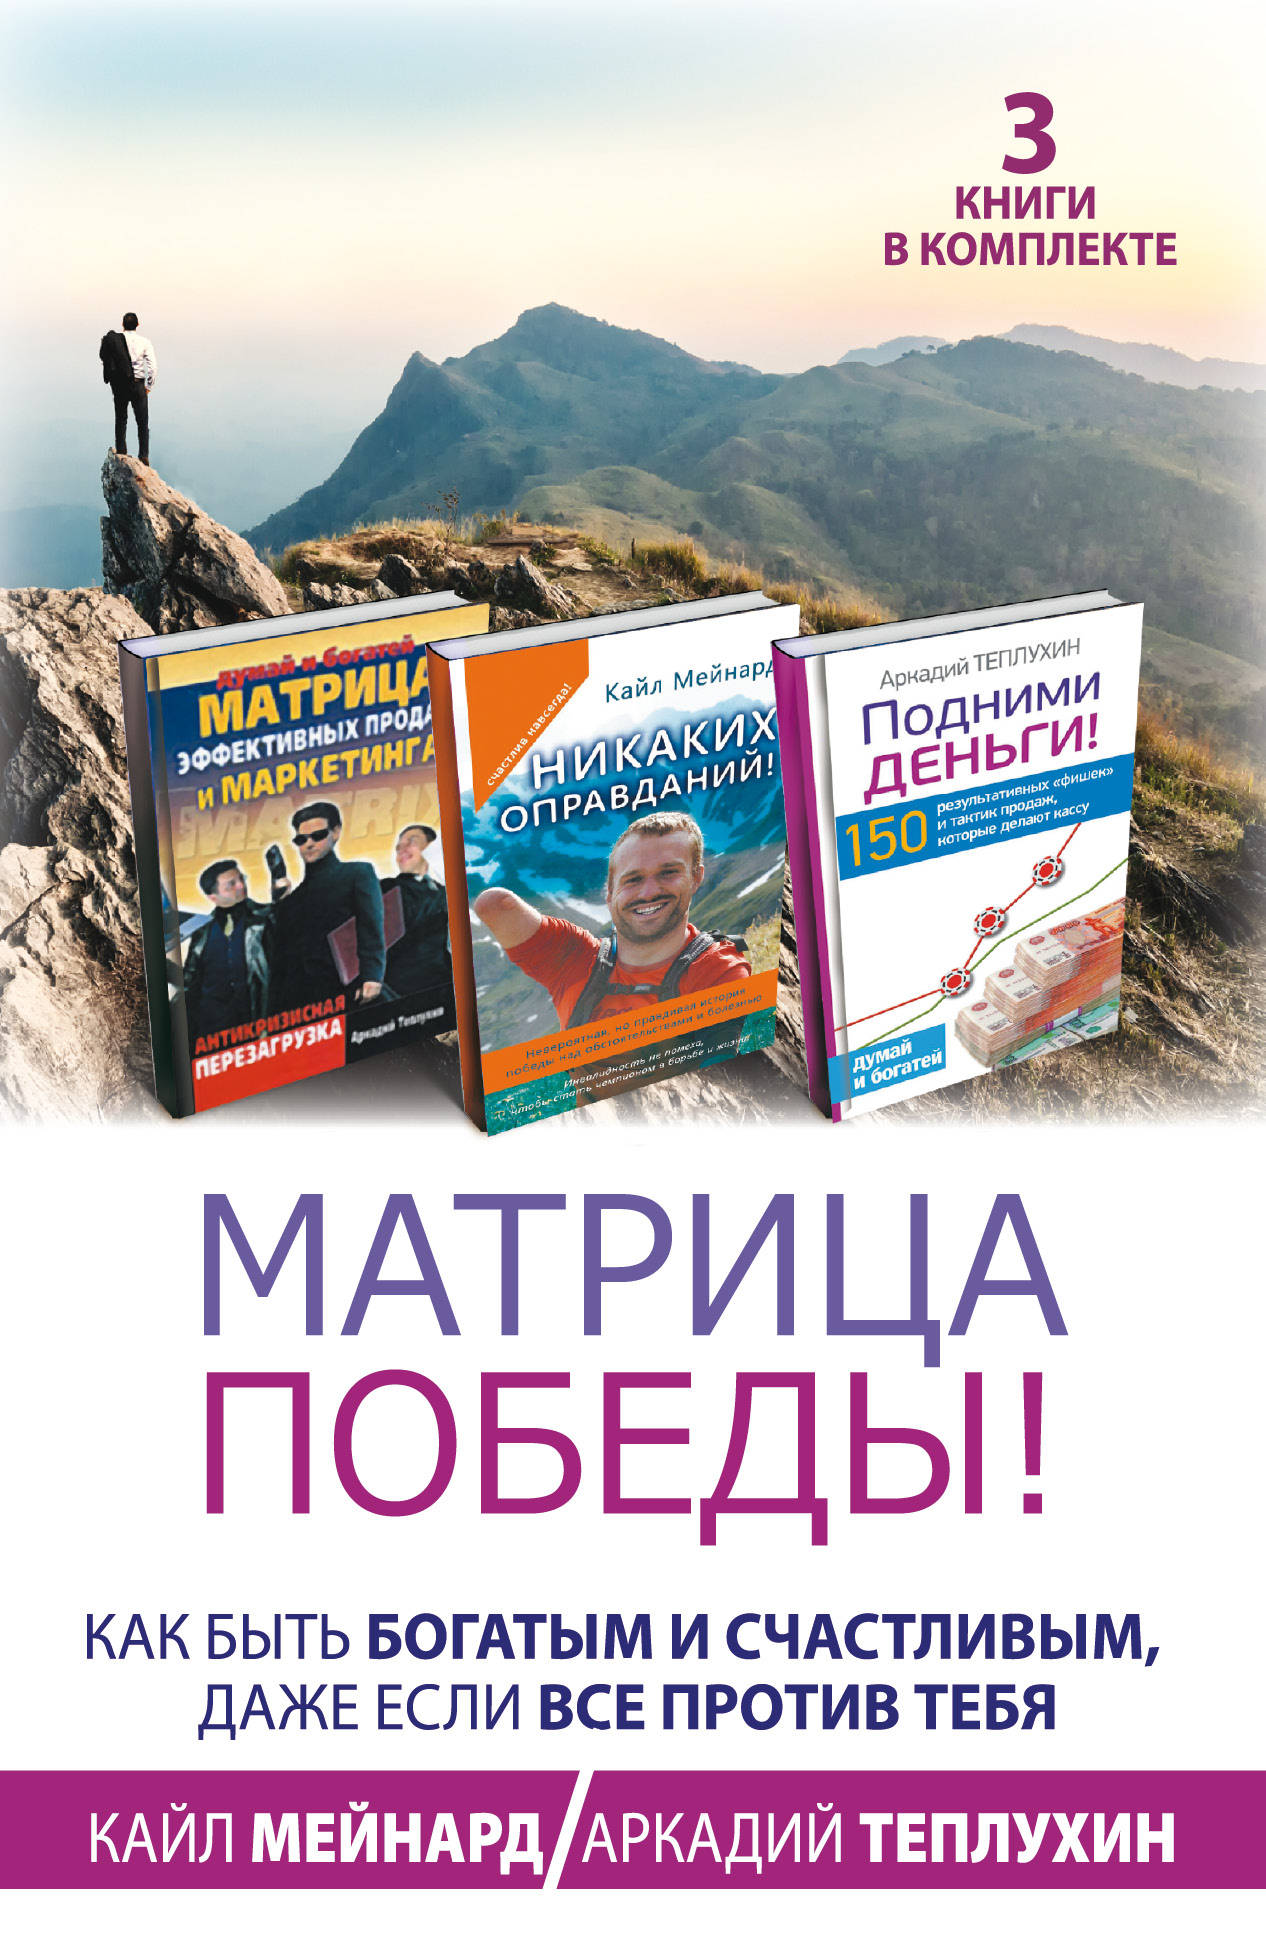 Матрица победы. Как быть богатым и счастливым, даже если все против тебя (комплект из 3 книг)